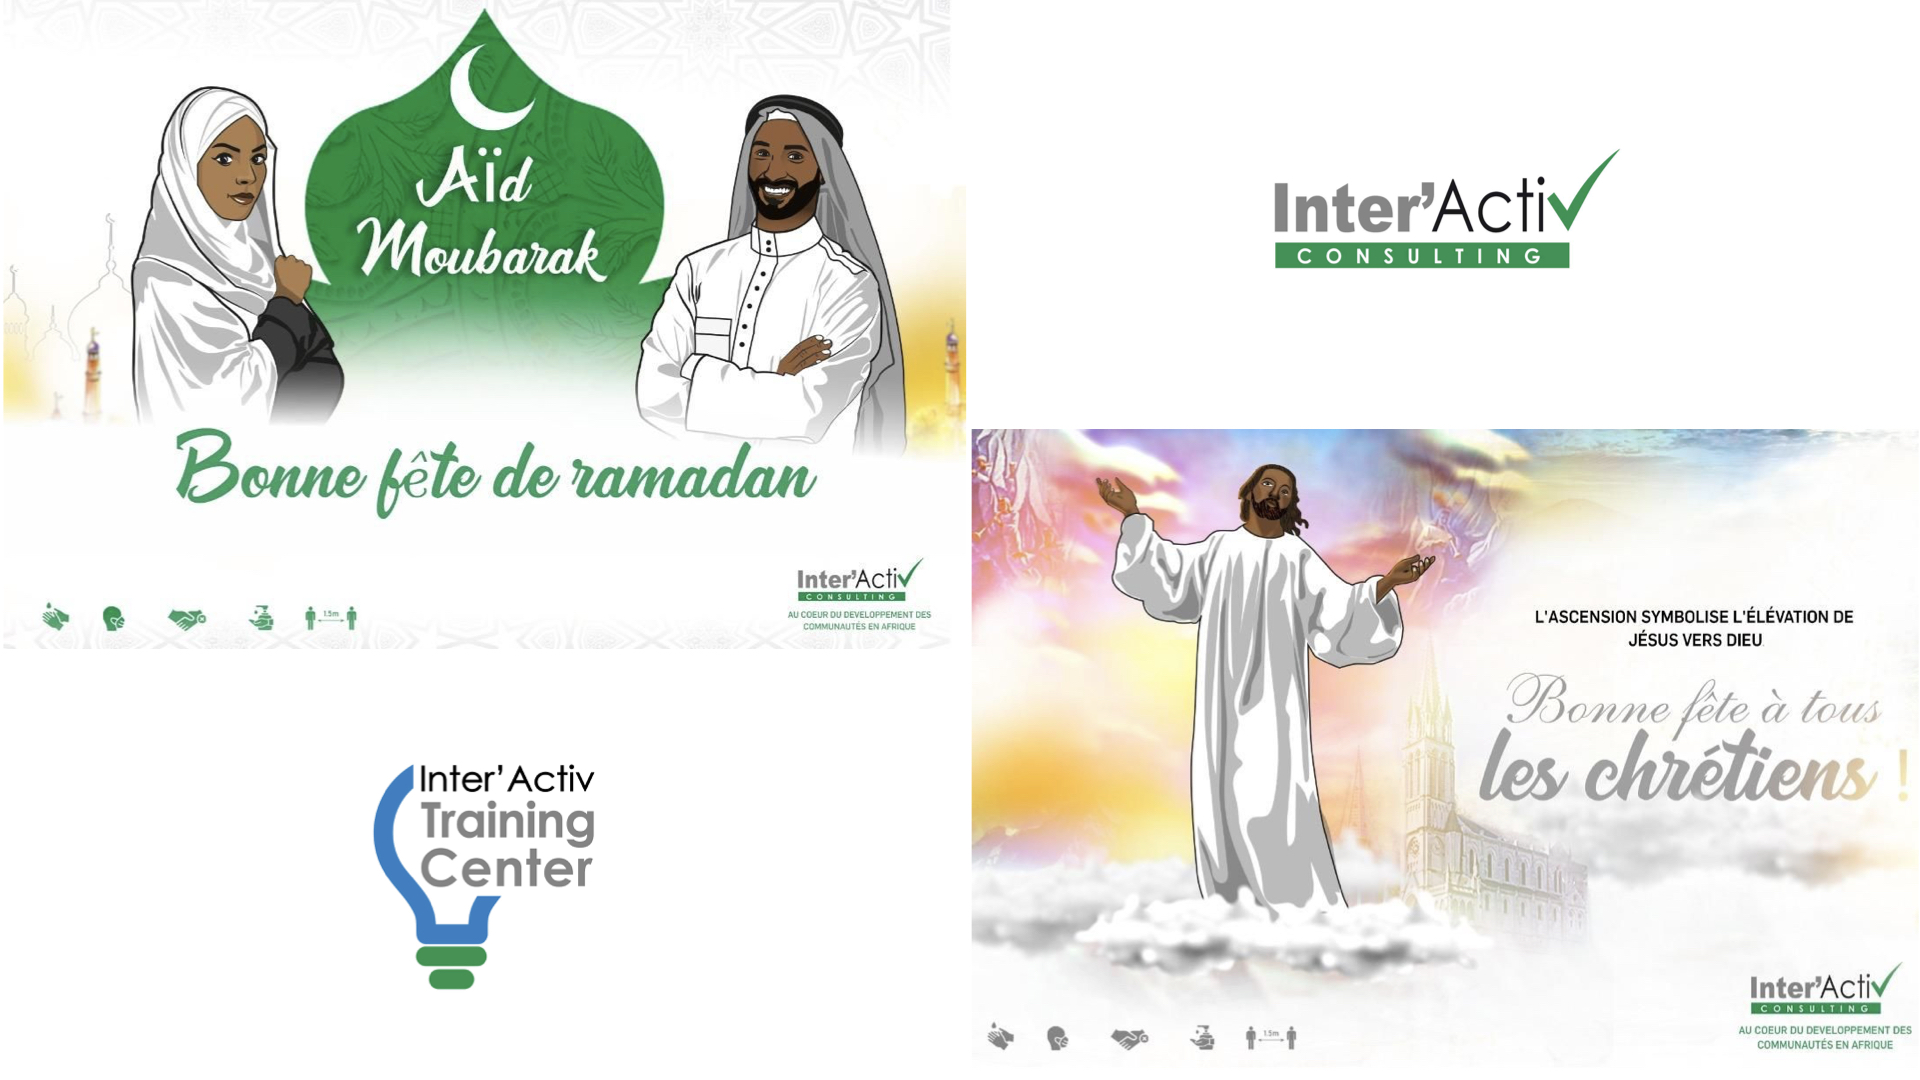 Bonnes fêtes du ramadan et de l'Ascension à tous les musulmans et chrétiens du monde